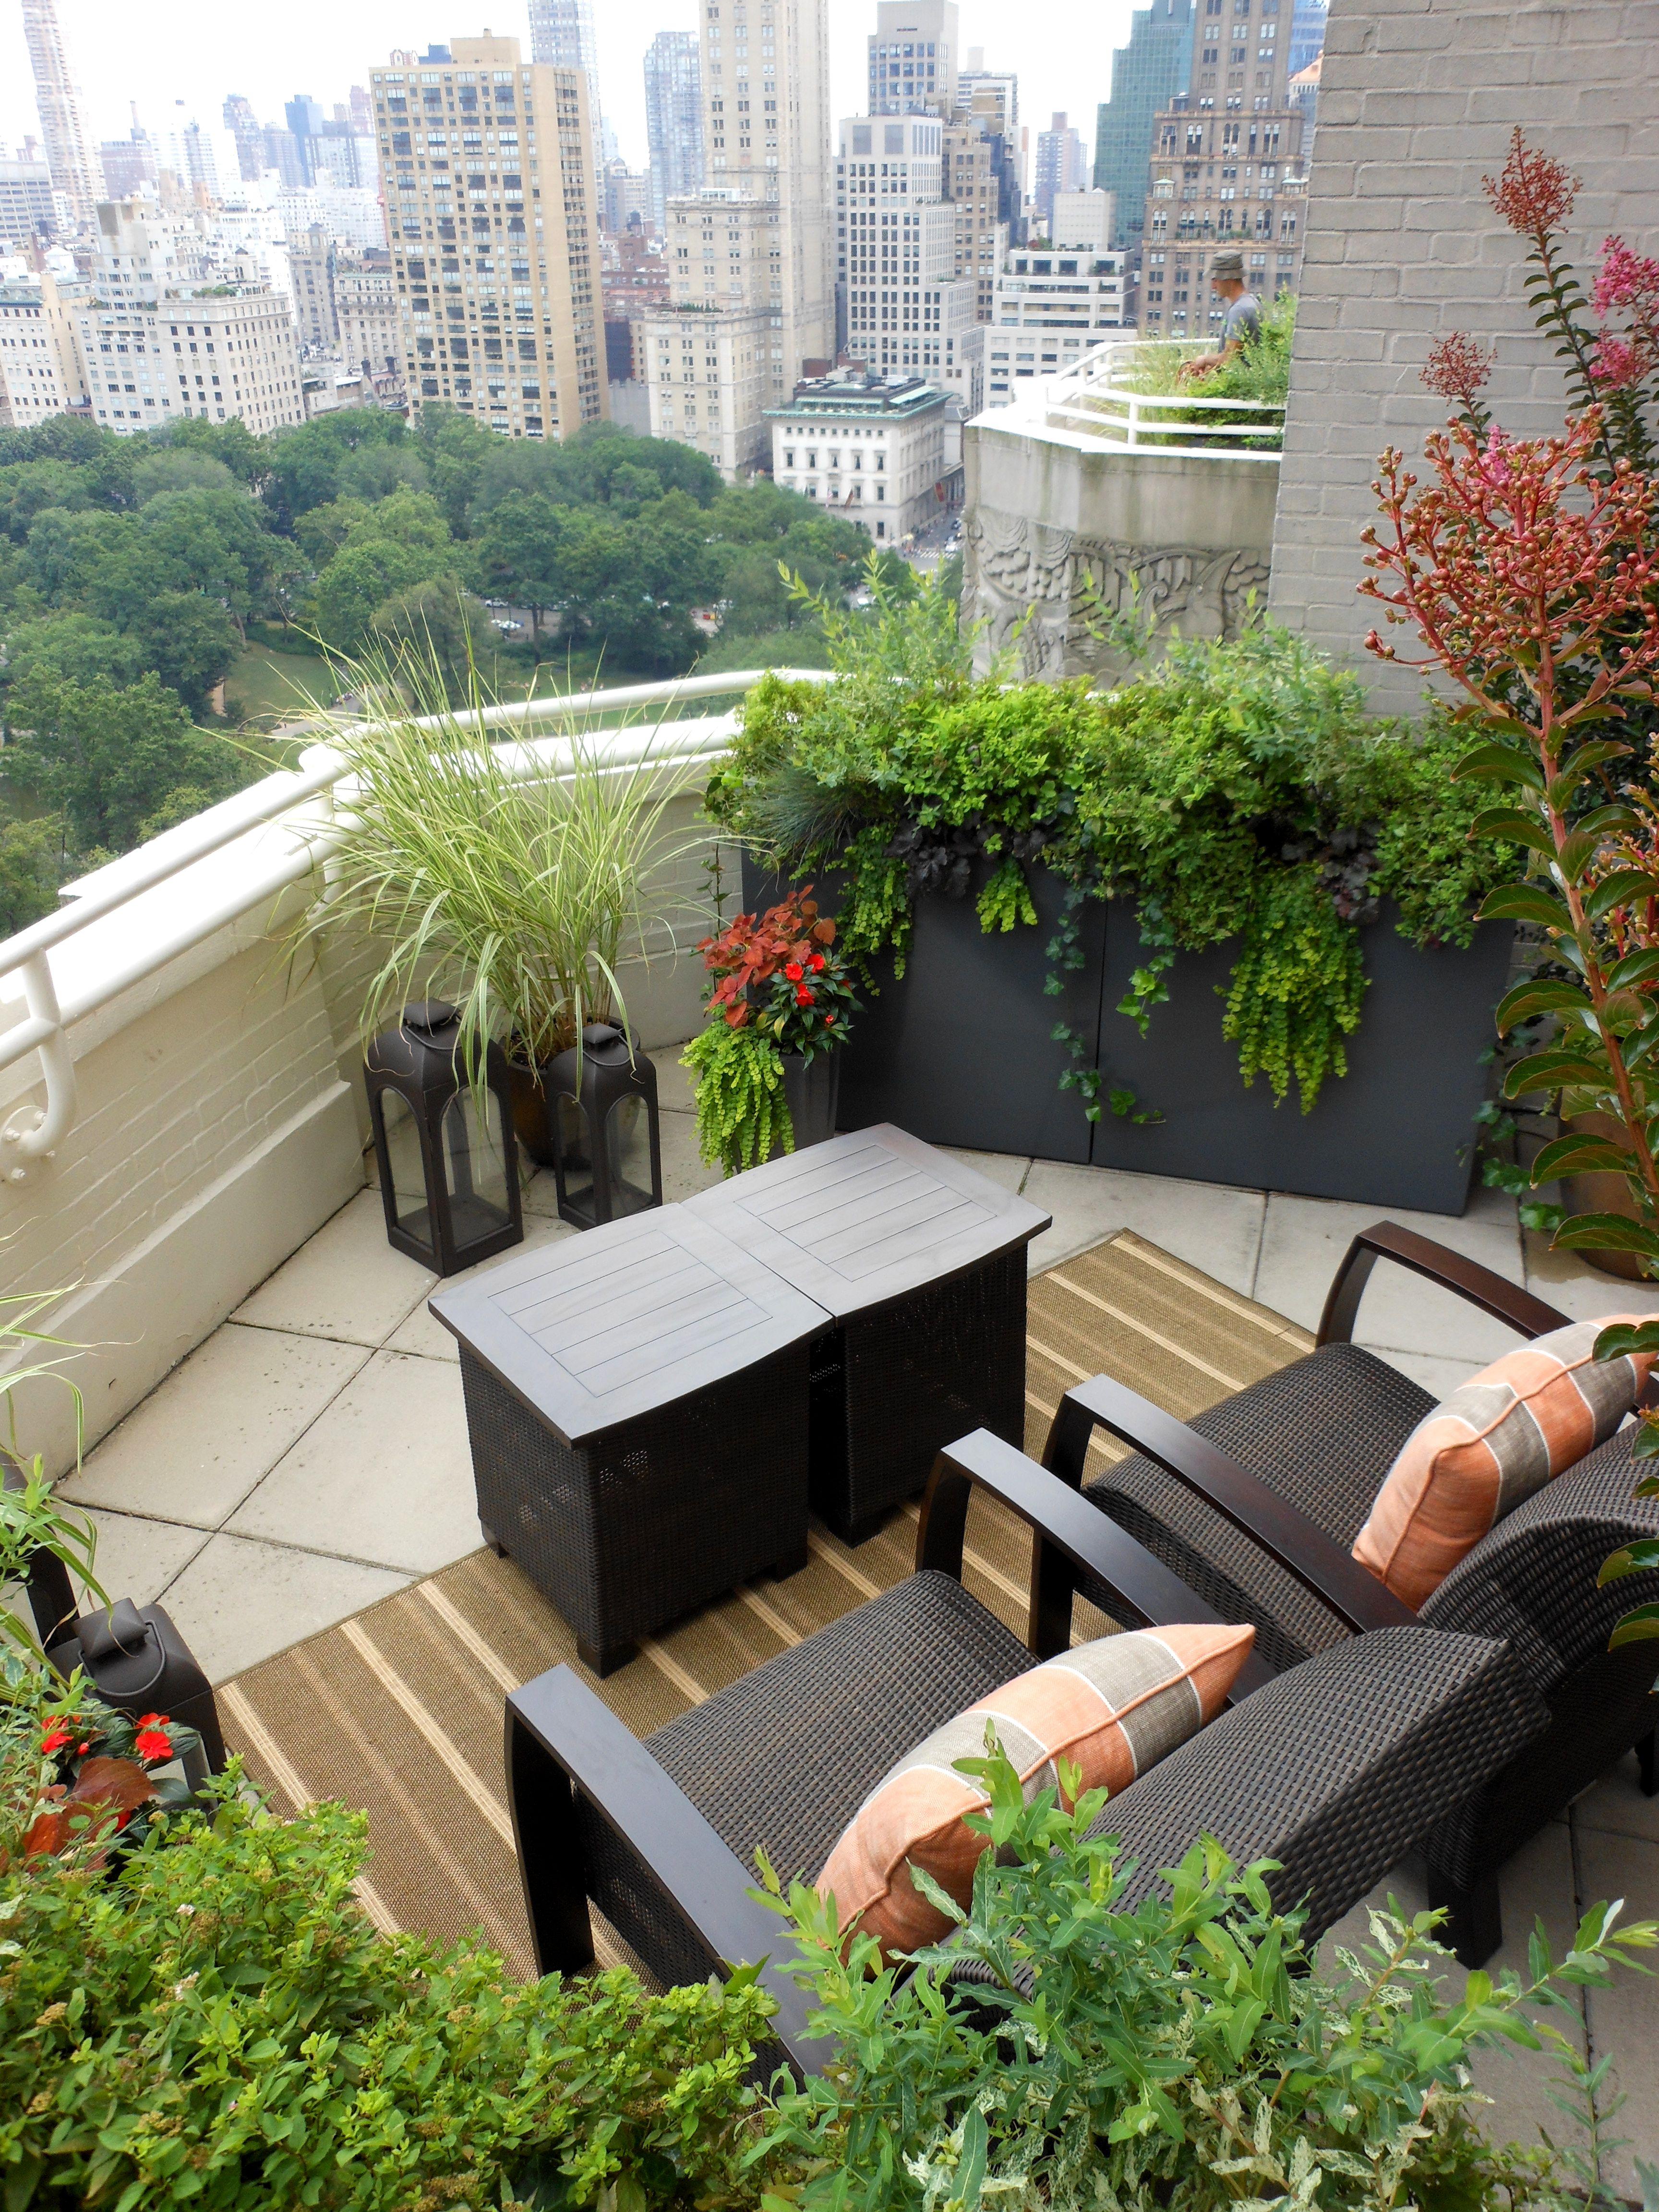 Potted Plants Potted Plant Society Small Balcony Garden Balcony Decor Balcony Design